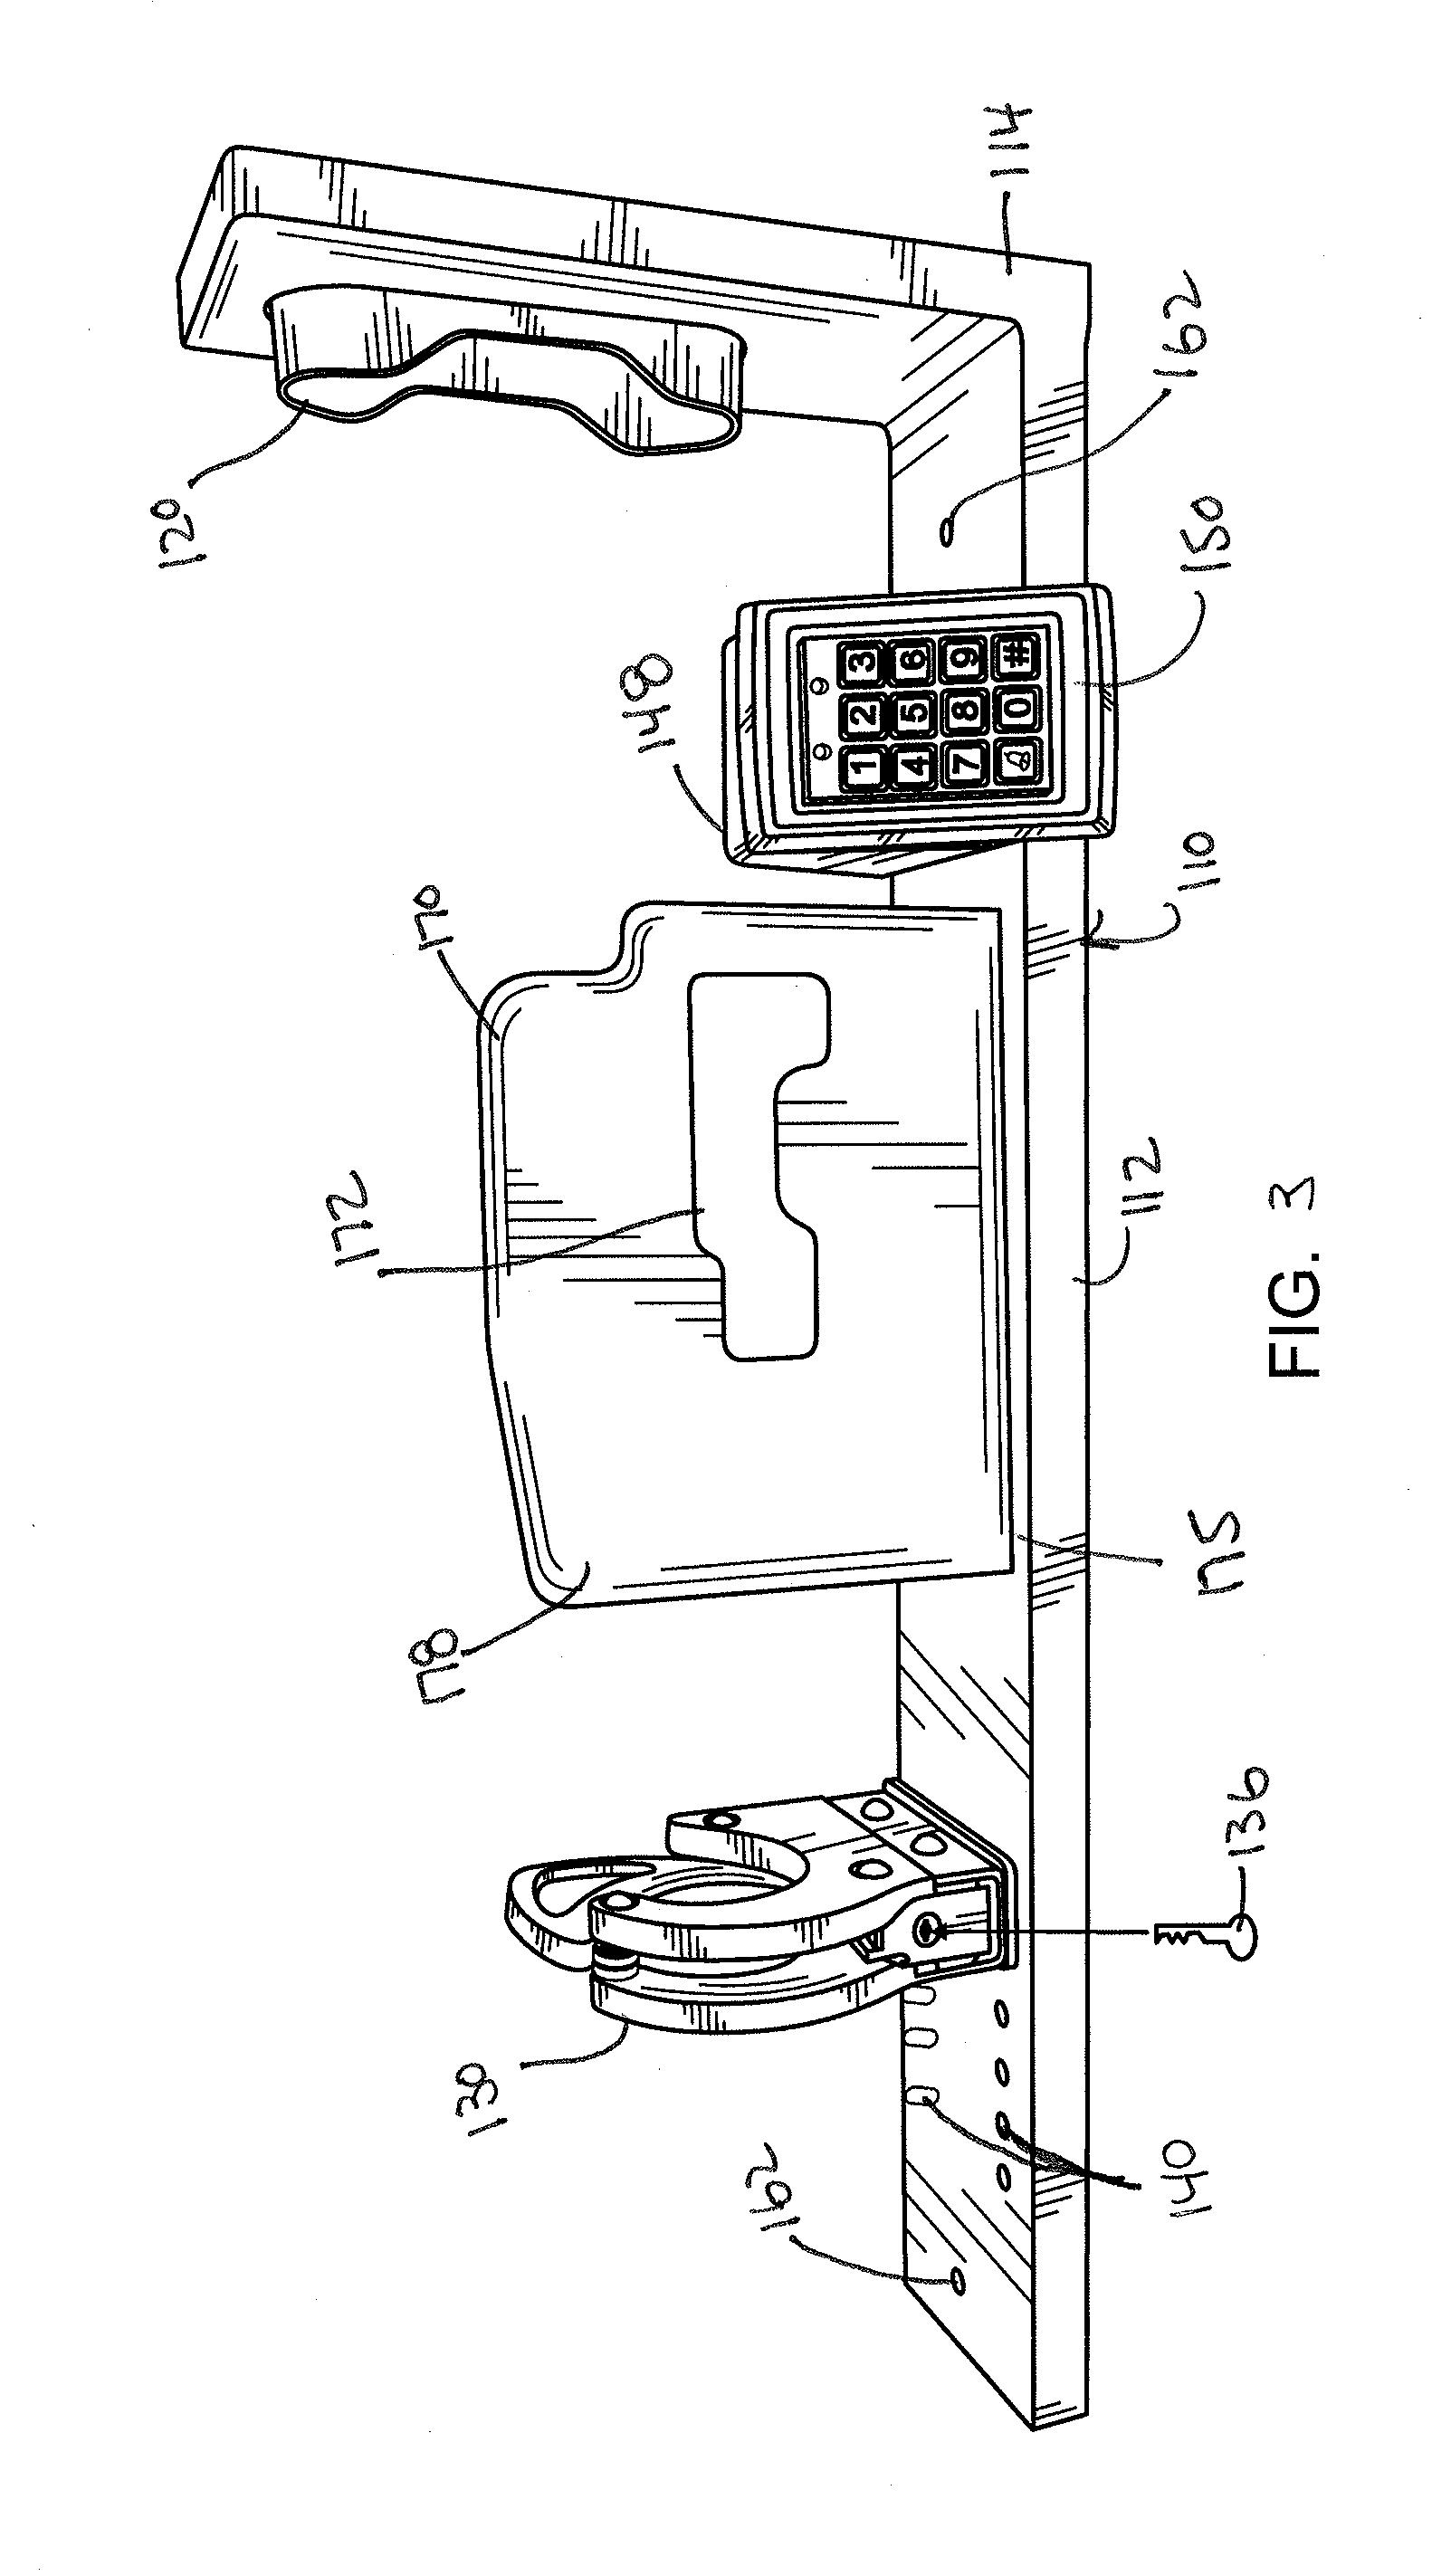 US20140263107A1 20140918 D00003 patent us20140263107 locking gun rack system with quick pro gard gun lock timer wiring diagram at honlapkeszites.co